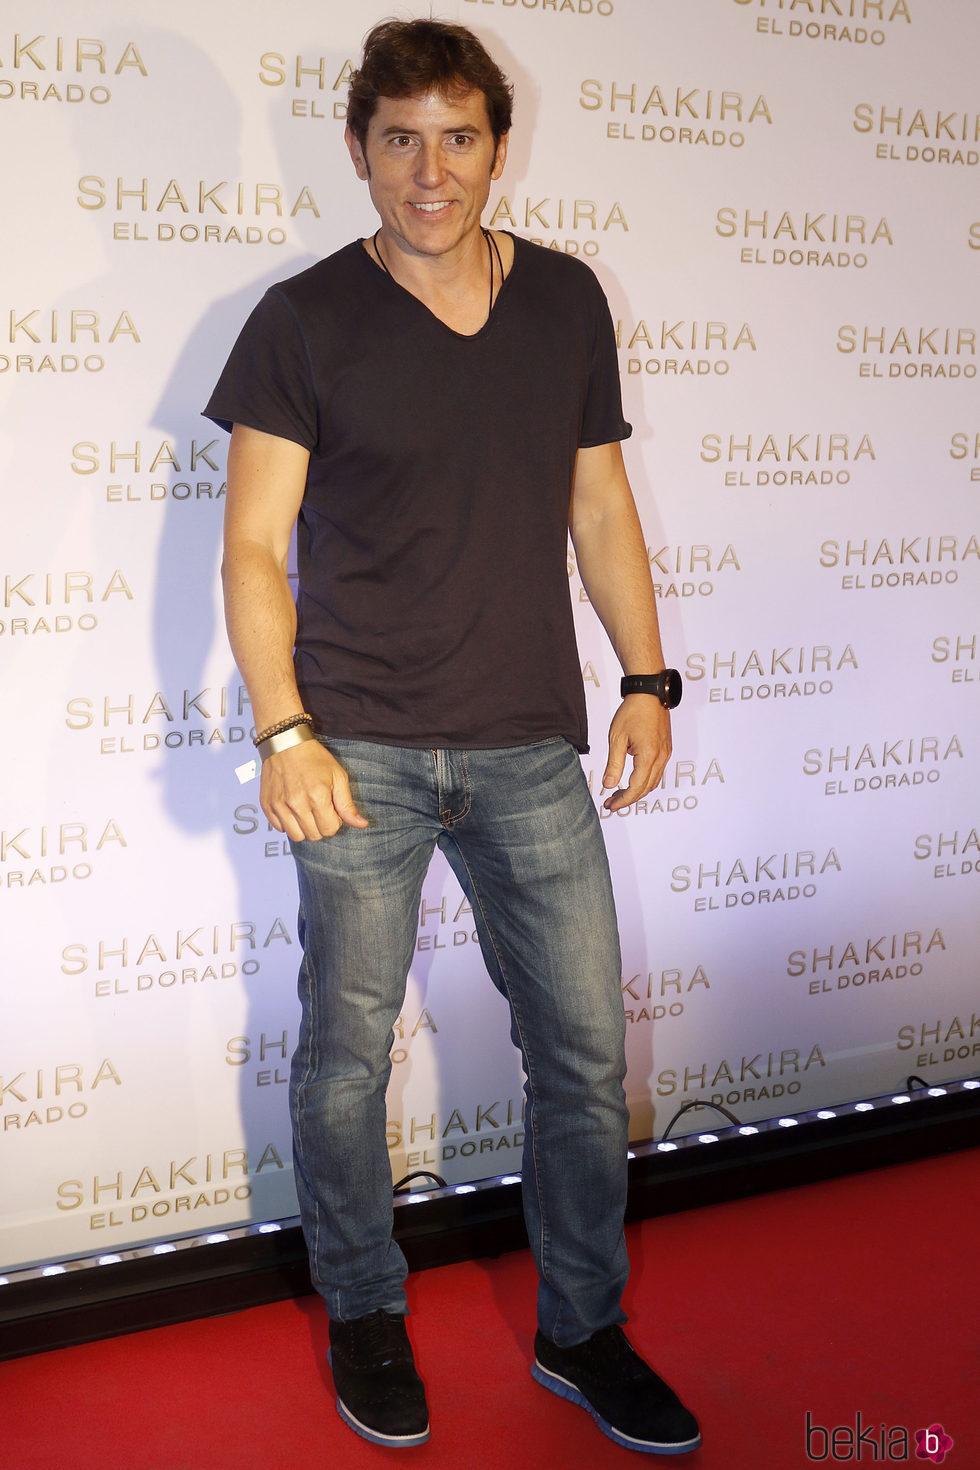 Manel Fuentes en la presentación del nuevo disco de Shakira, 'El Dorado'